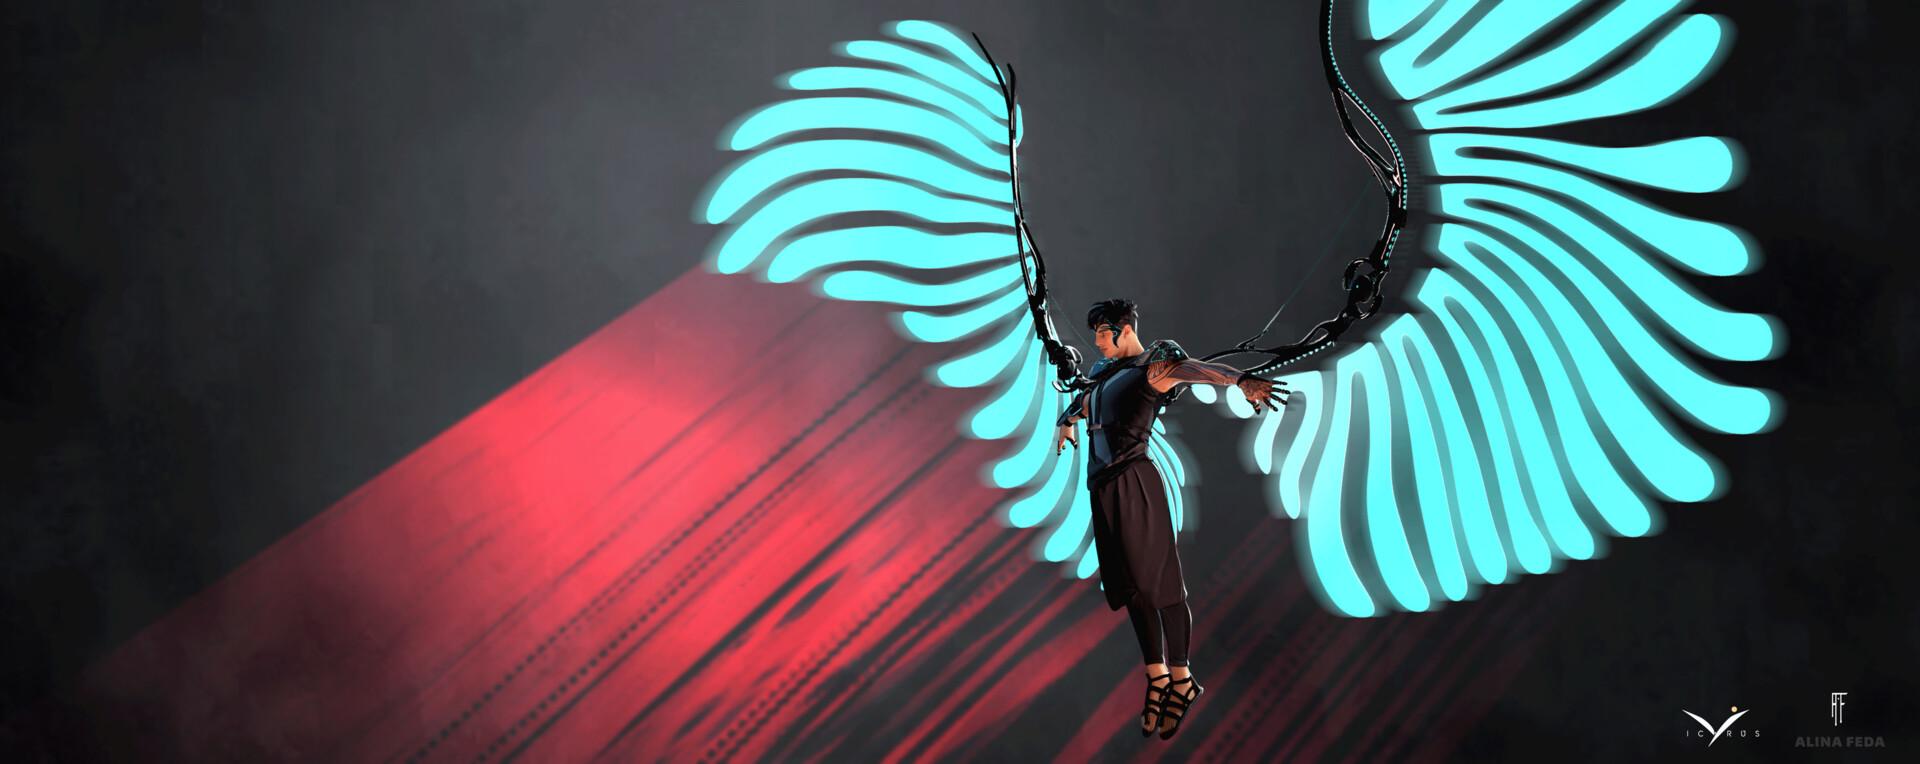 Alina feda flying 04 wide